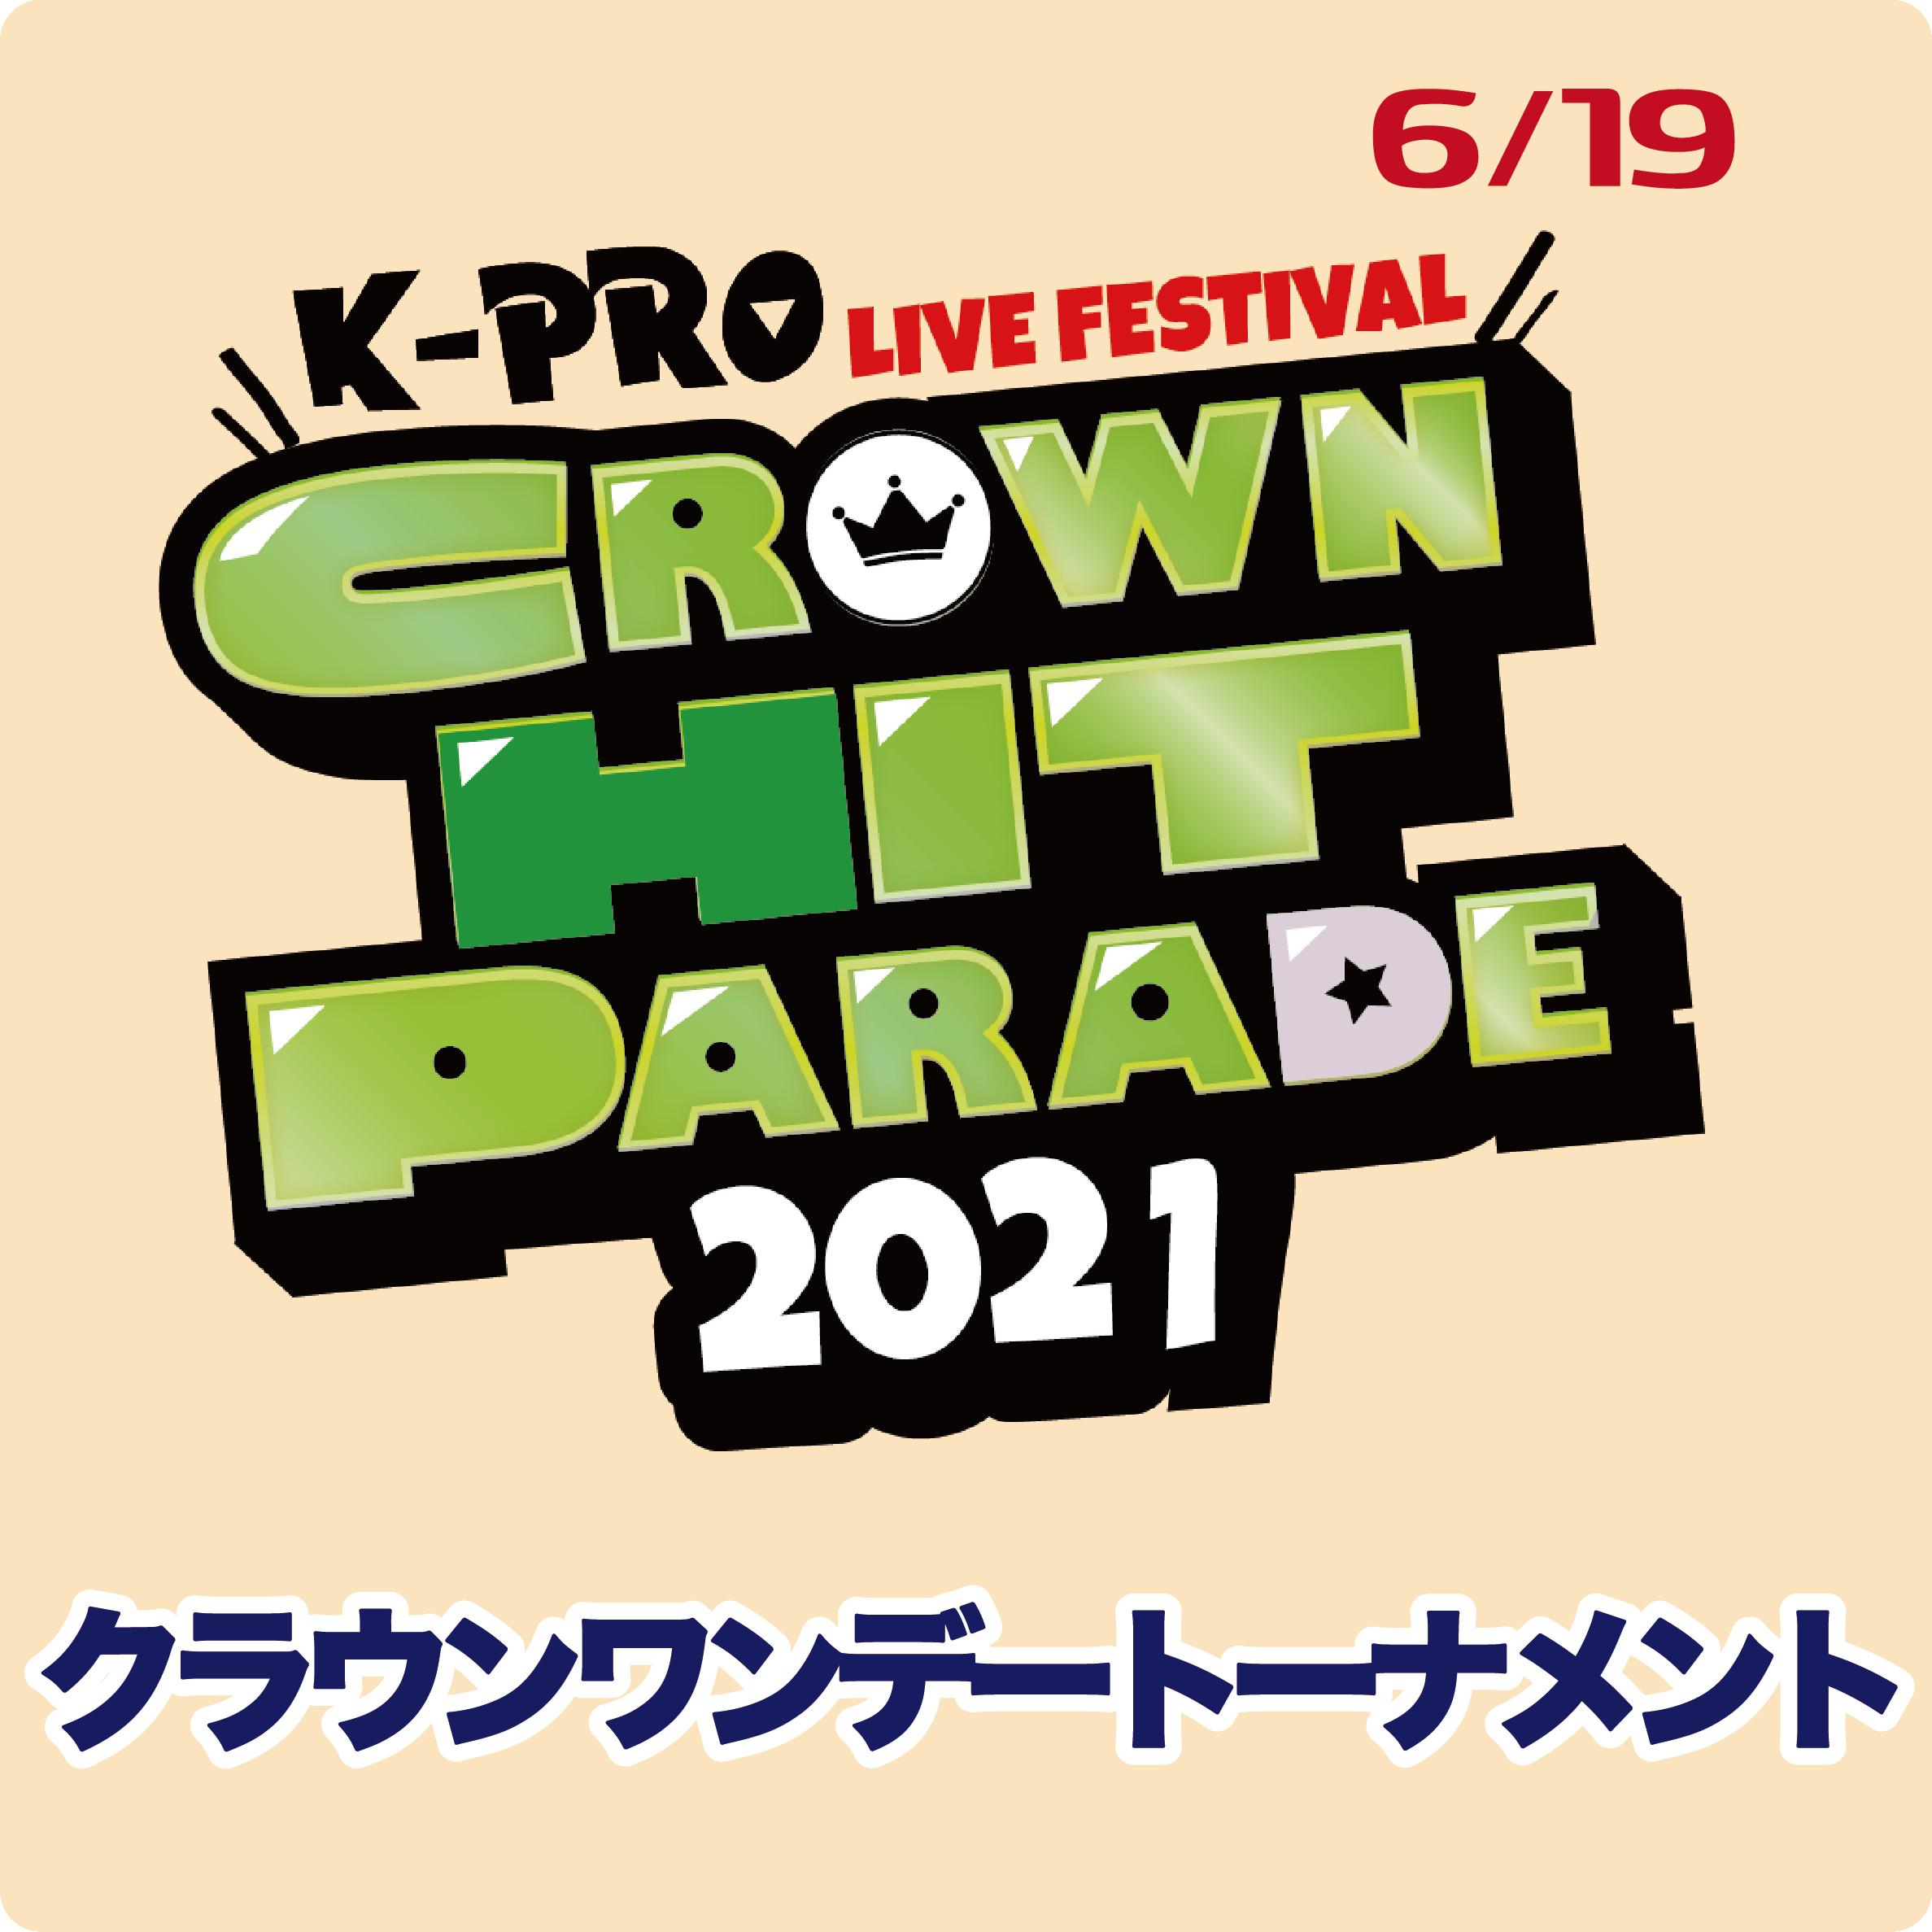 【6/19】クラウンワンデートーナメント